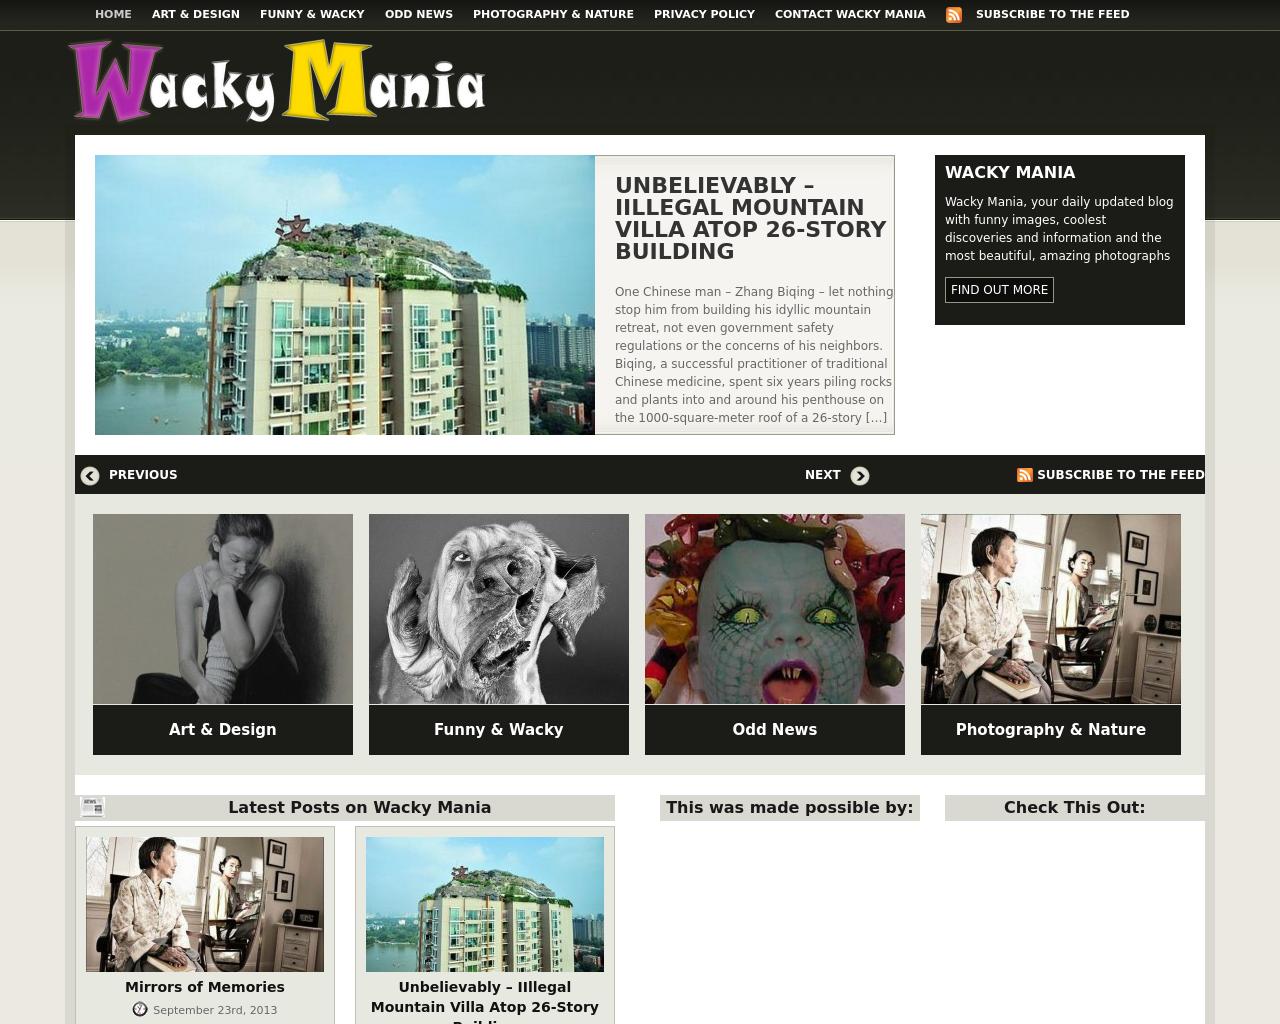 Wacky-Mania-Advertising-Reviews-Pricing